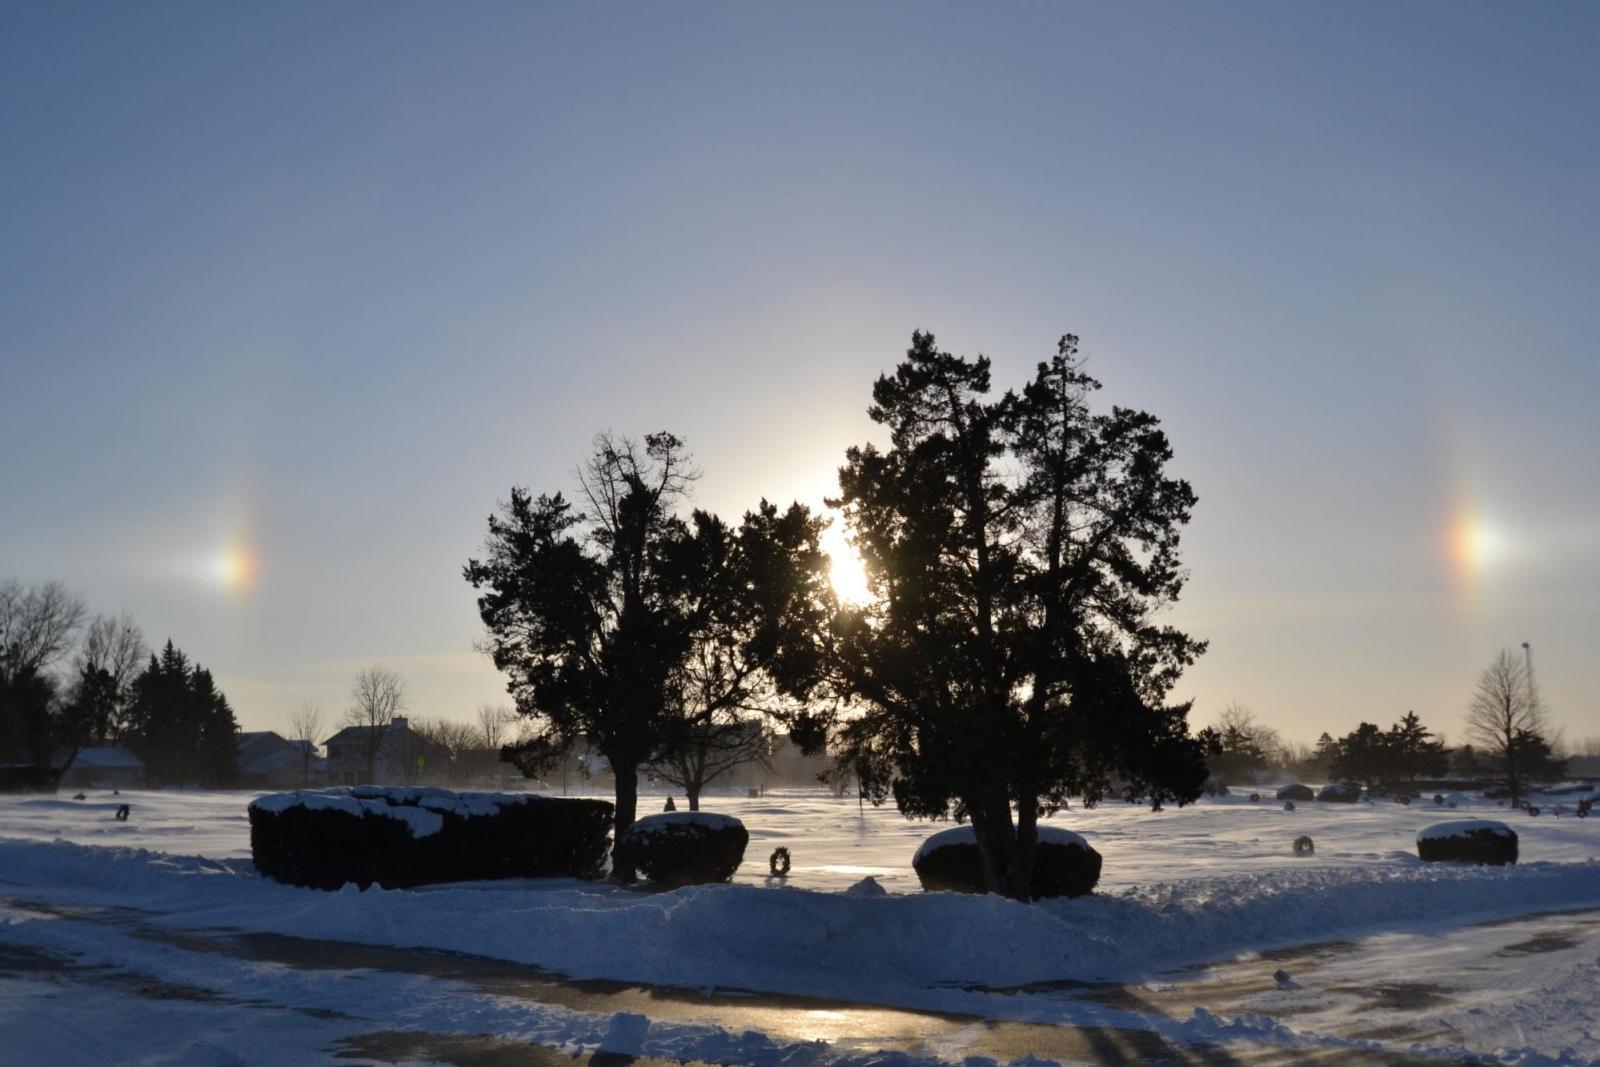 parhelia taken in -14 degrees Fahrenheit weather